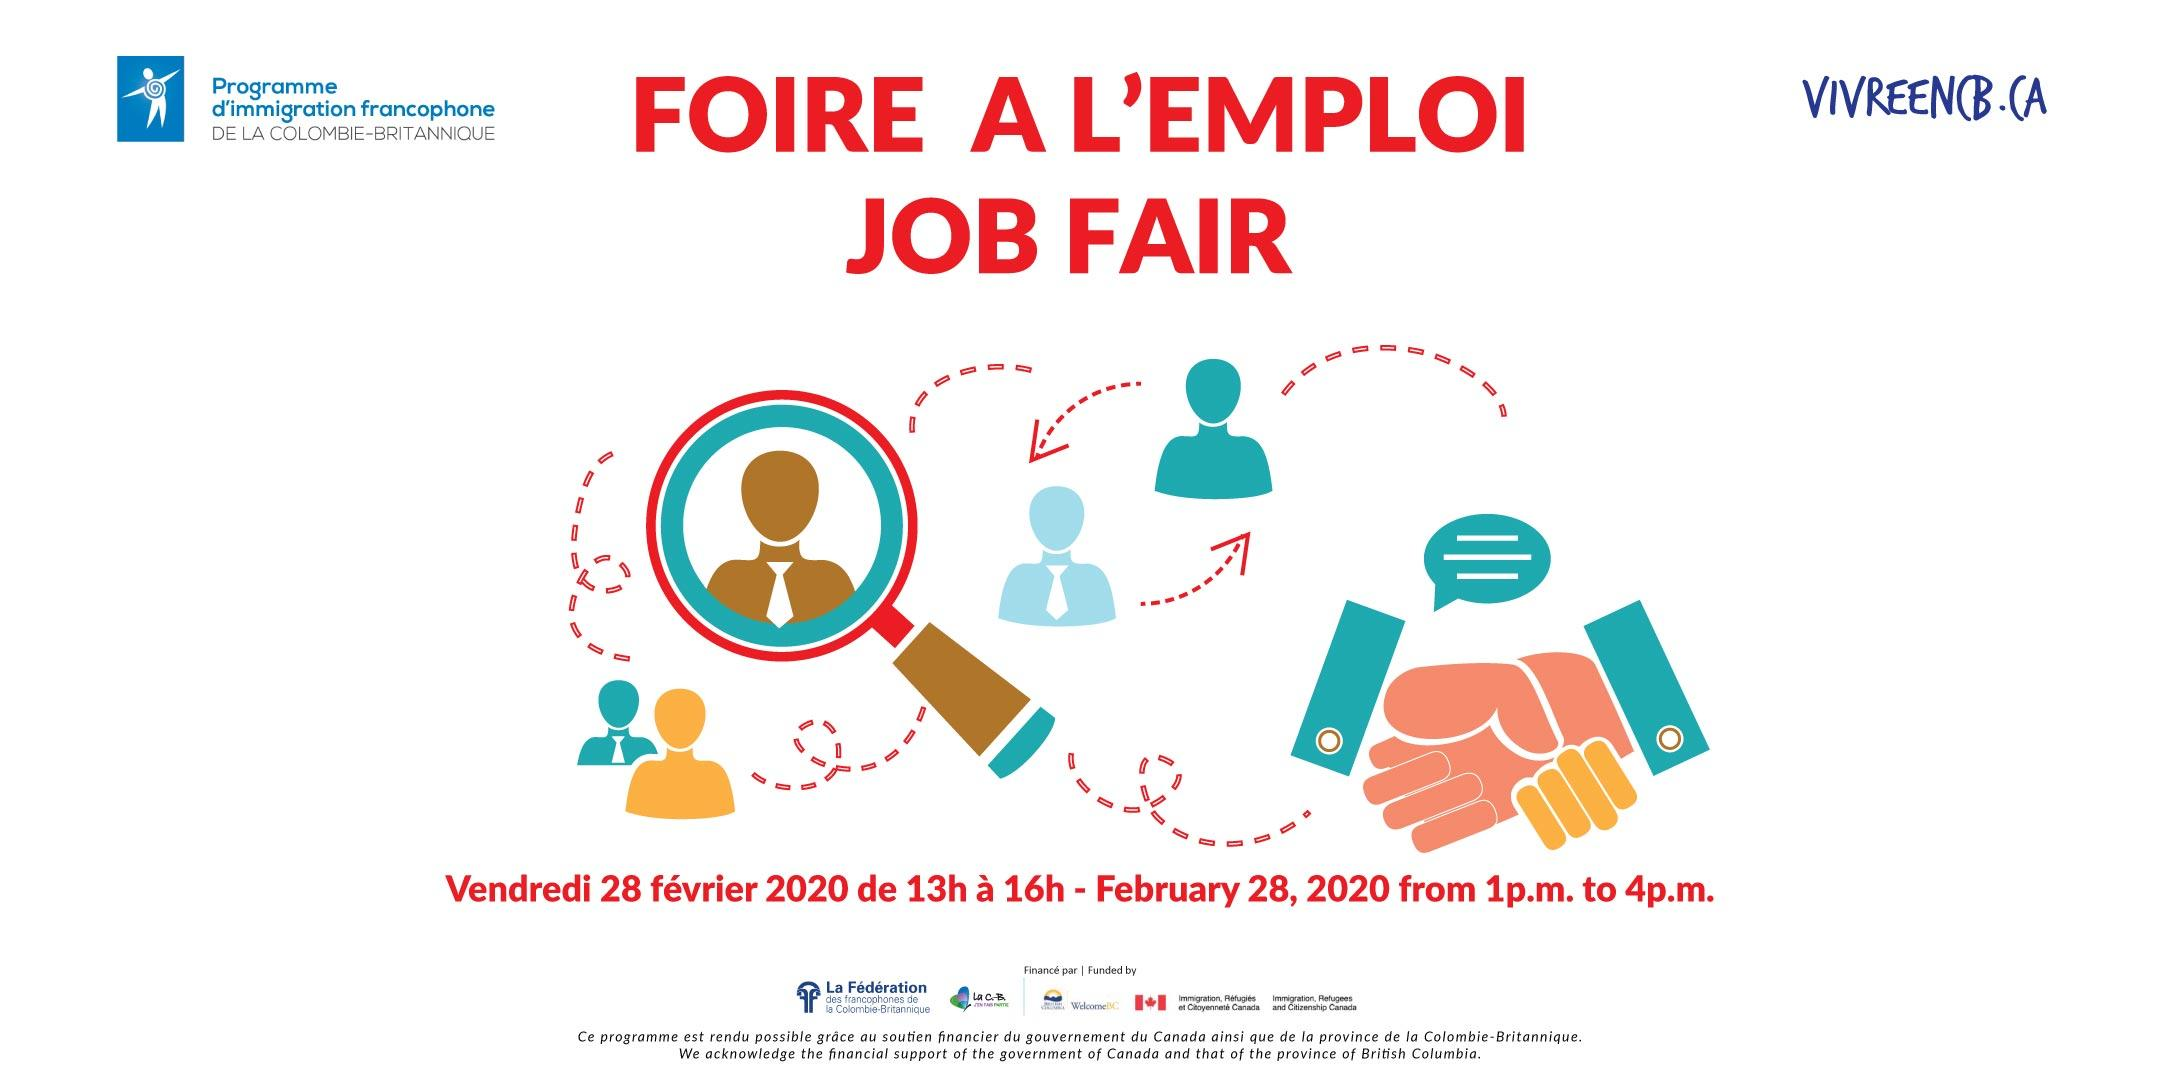 Foire à l'emploi - Job Fair